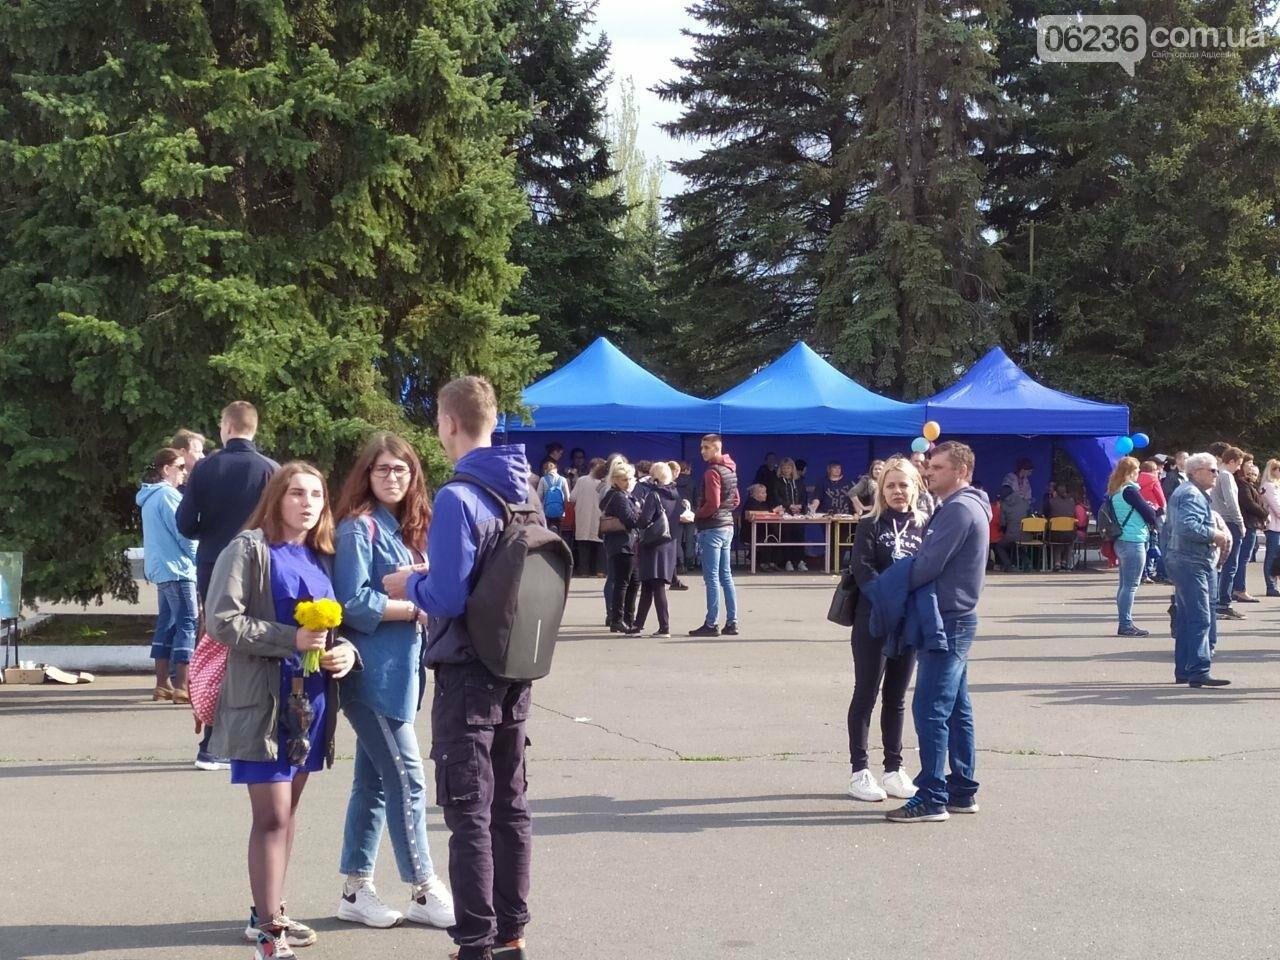 ФОТОРЕПОРТАЖ. Яркие моменты фестиваля искусств в Авдеевке, фото-20